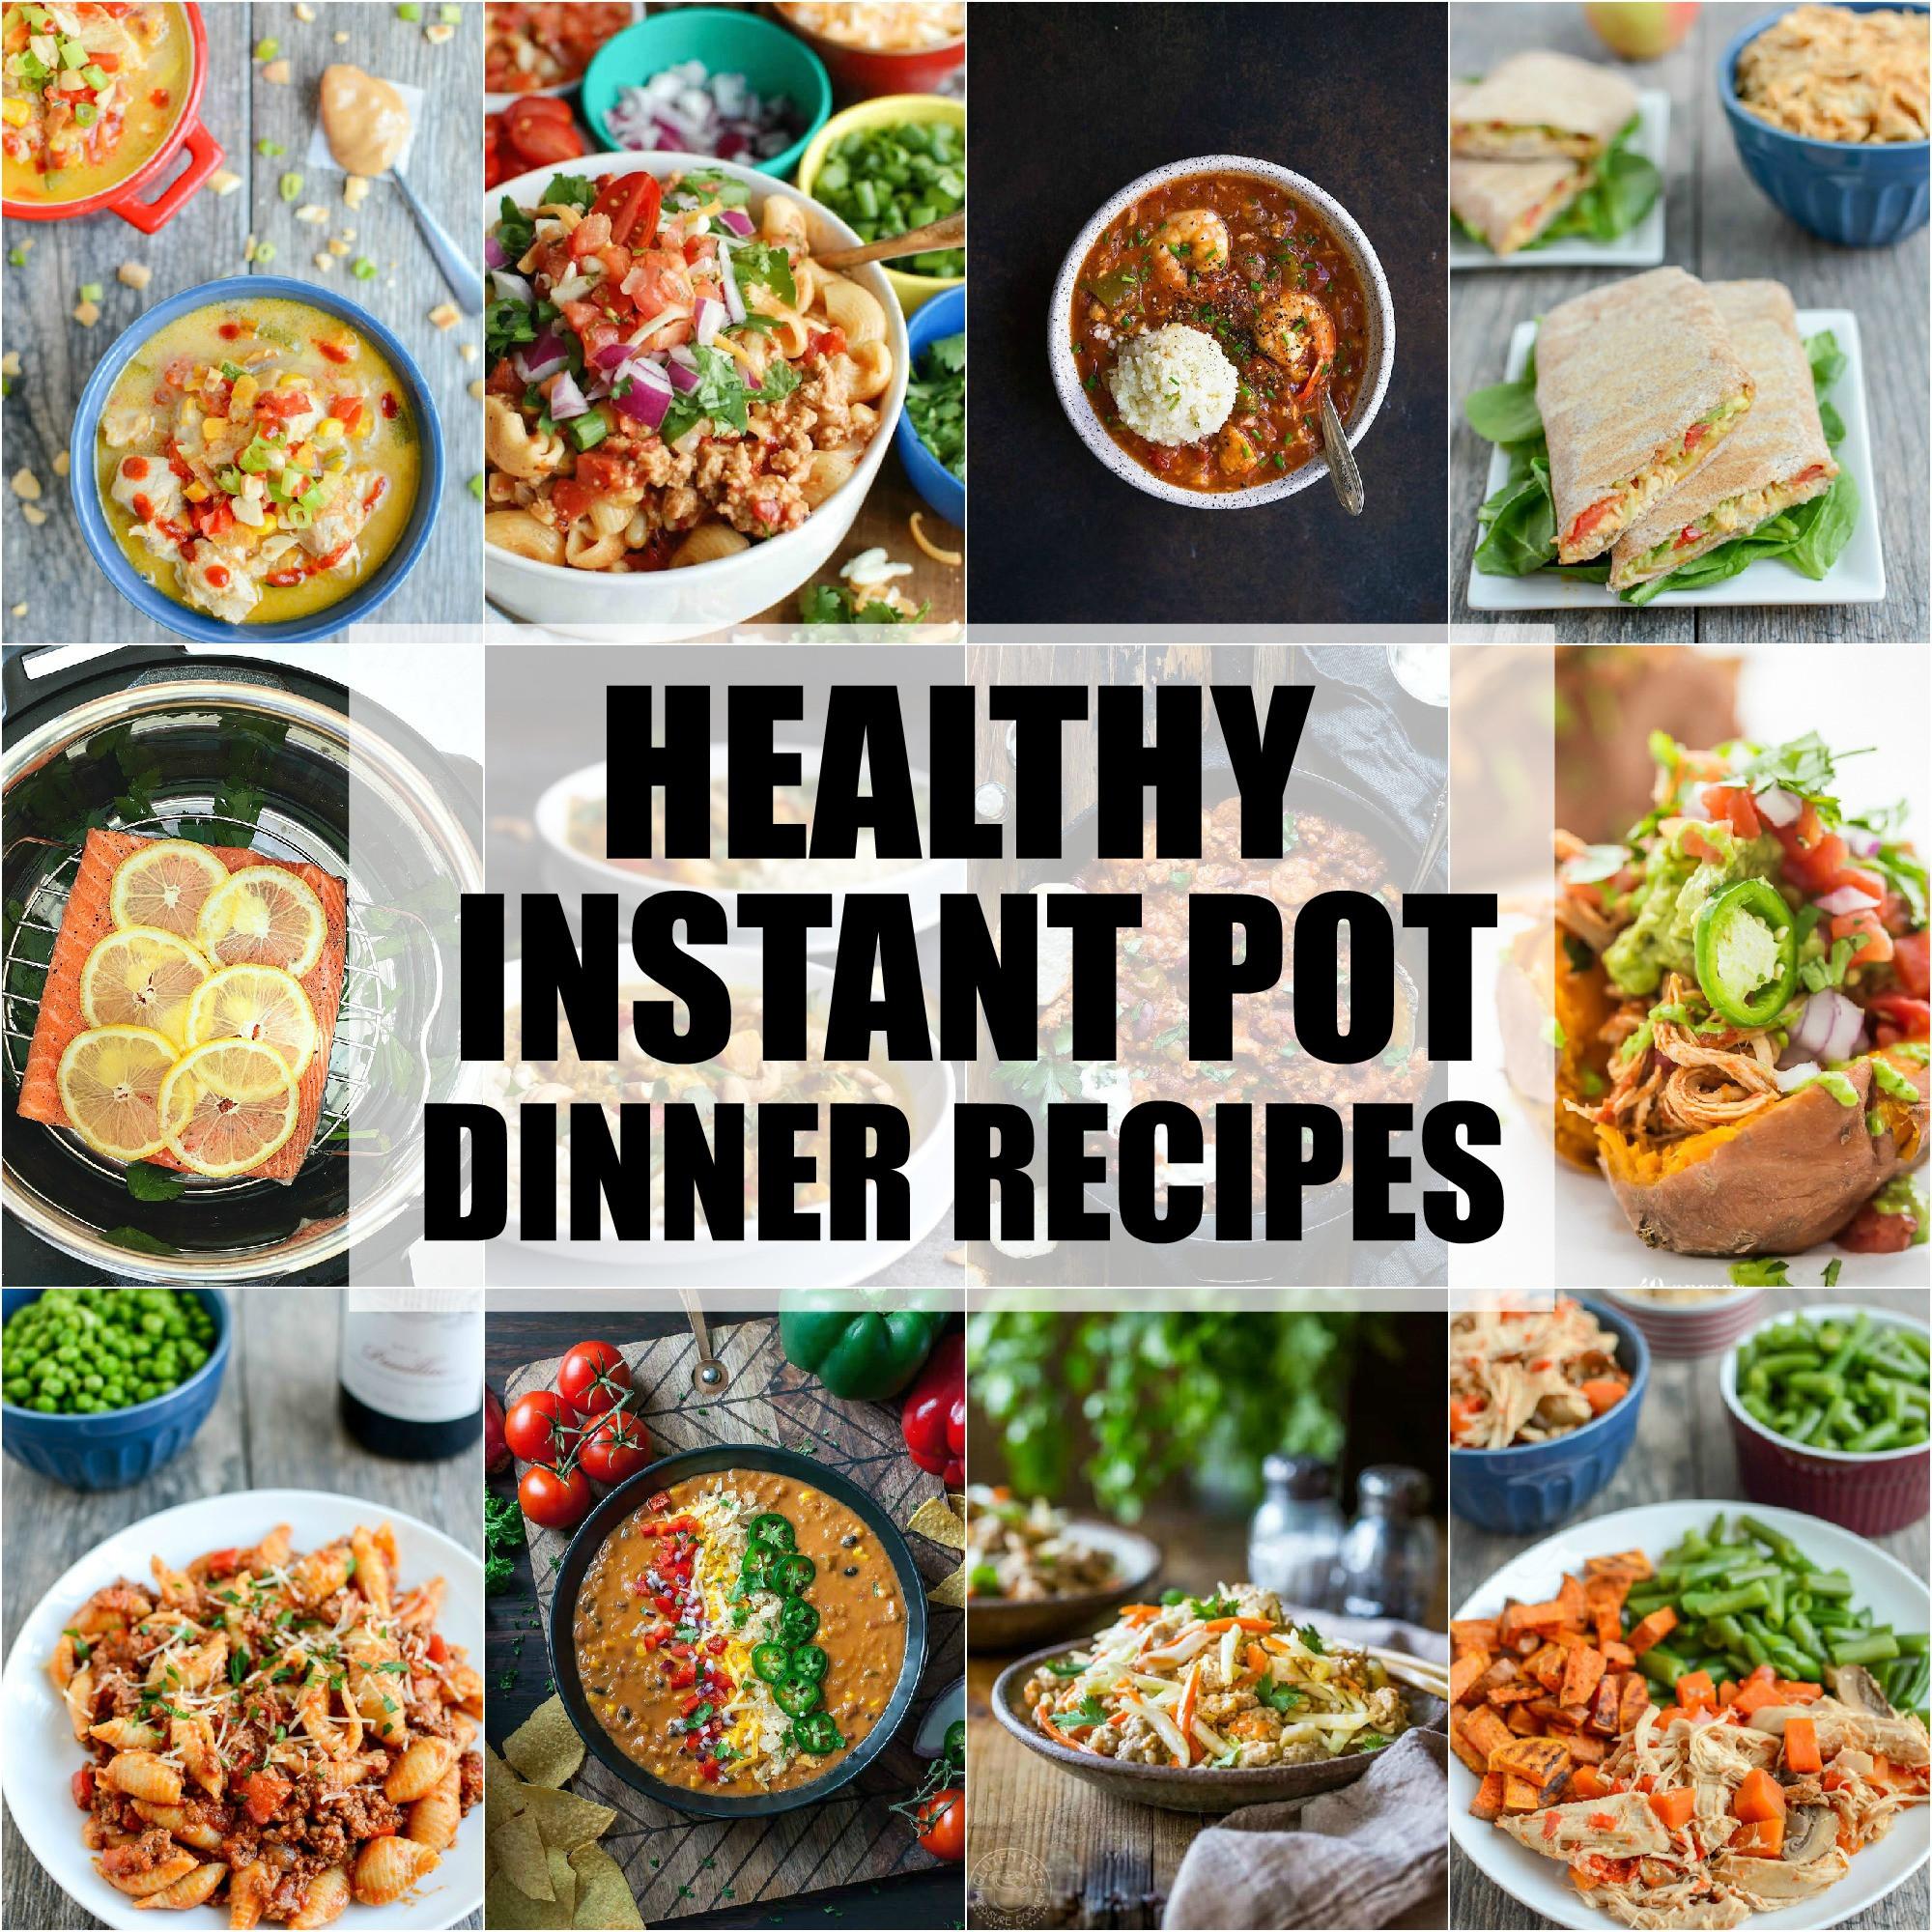 Best Instant Pot Recipes Healthy  Healthy Instant Pot Dinner Recipes